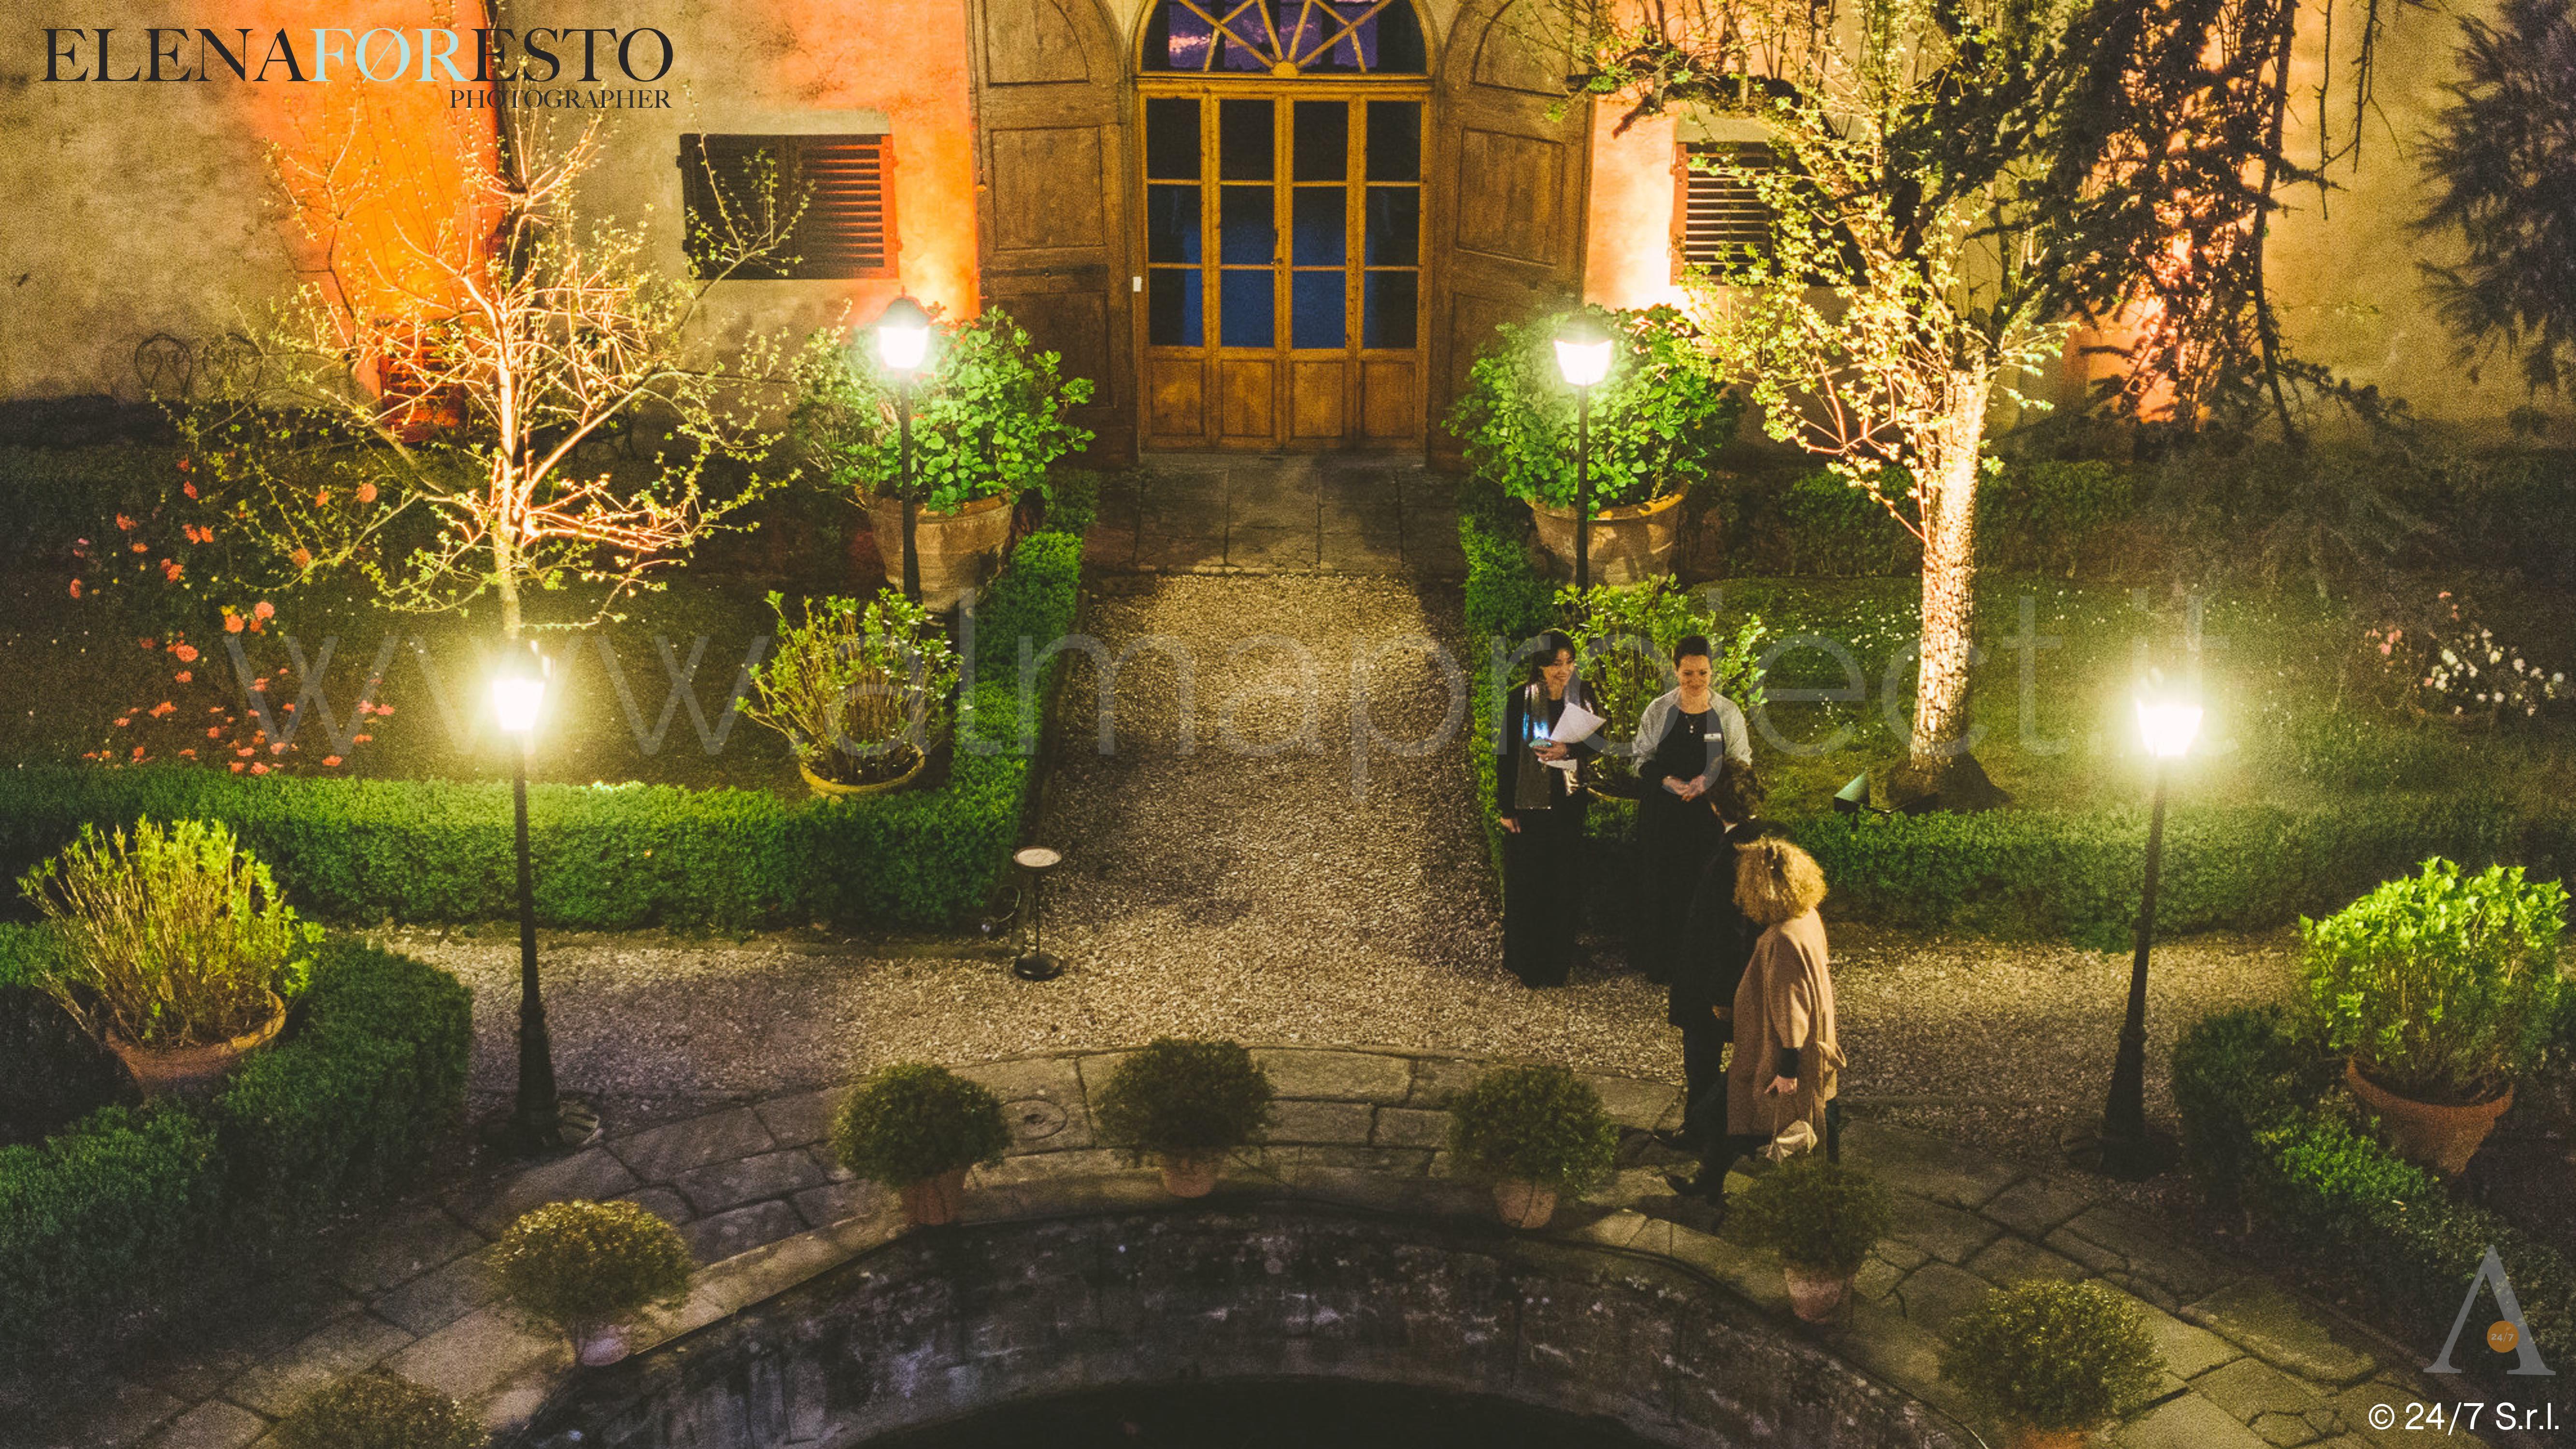 ALMA PROJECT _ Villa Medicea di Lilliano - Brilliant 170329 - Courtyard Corte - Street Lamps - Amber